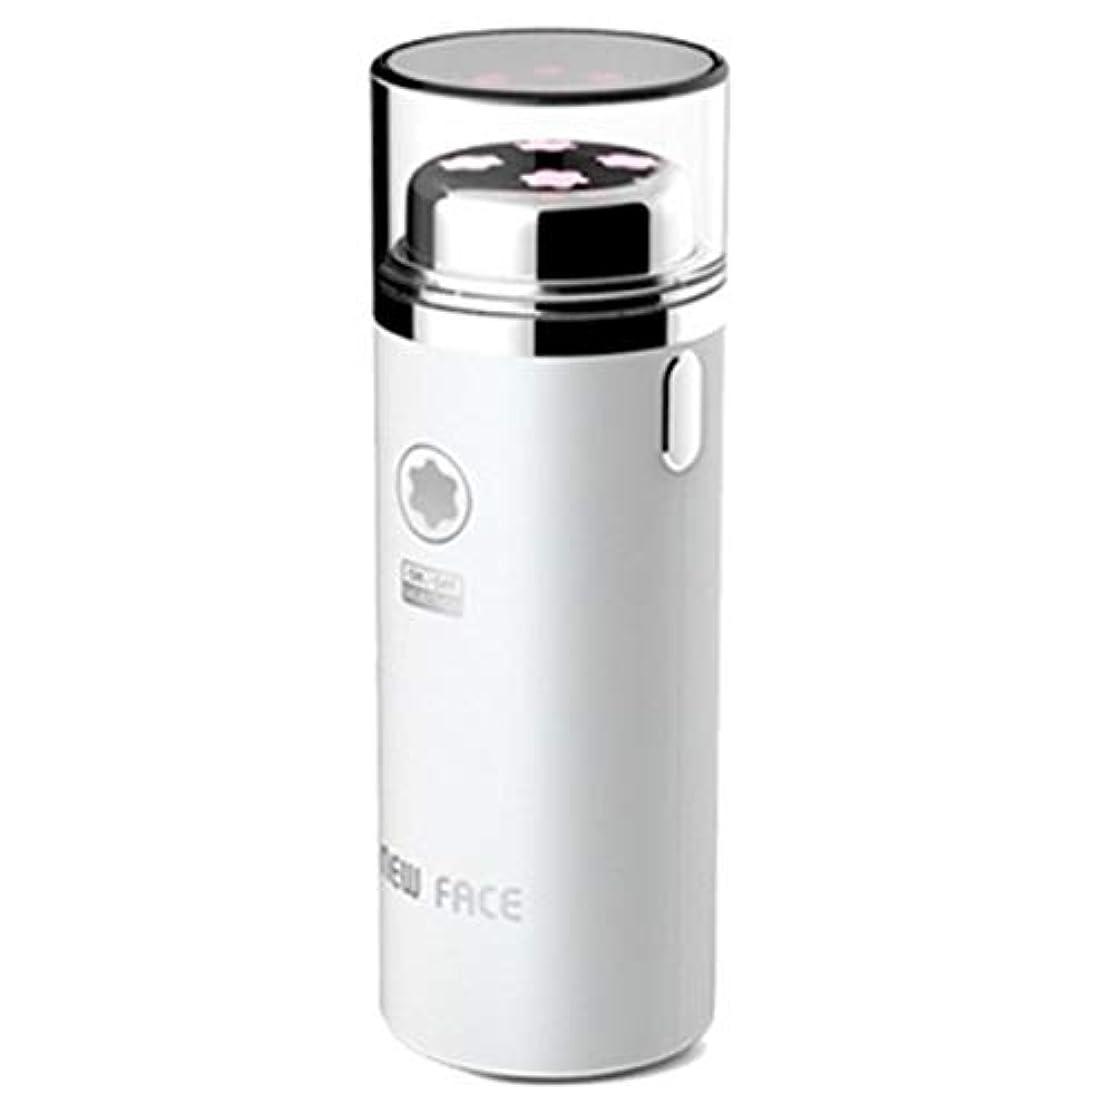 エラニューフェイスガルバニックマイクロ振動イオンスキンマッサージャーEFM-2500ホワイト Elra New Face Galvanic Micro Vibration Ion Skin Massager EFM-2500...